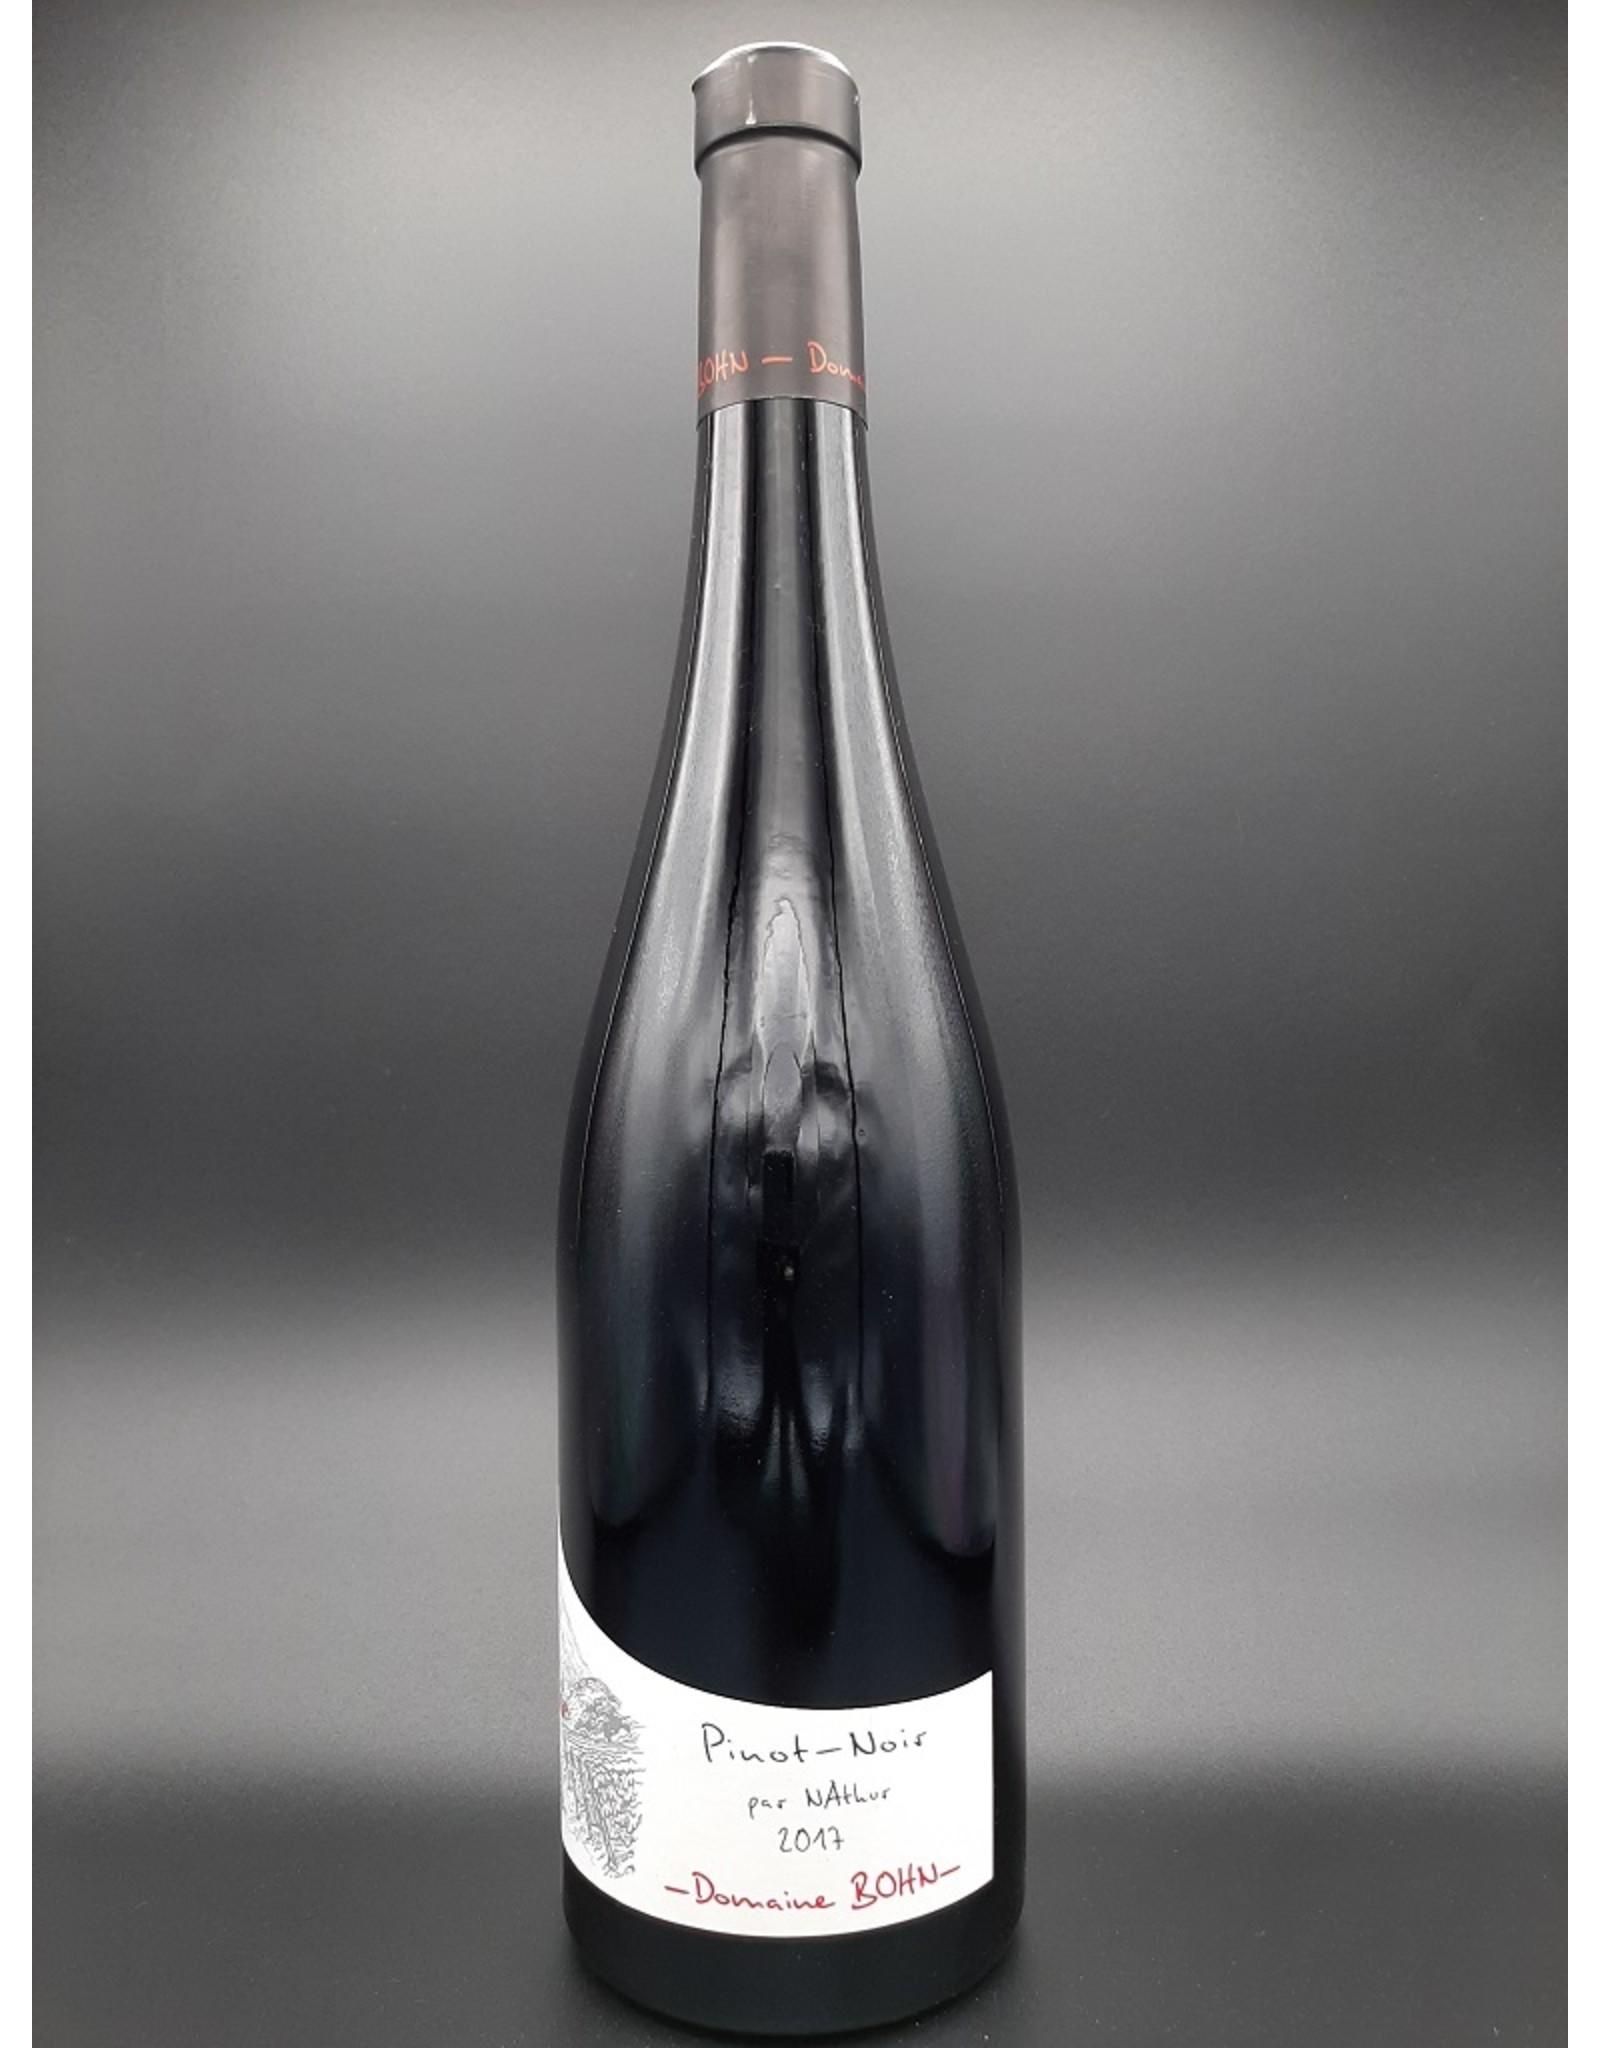 Domaine Bohn Pinot Noir cuvée Par nAtur 2017